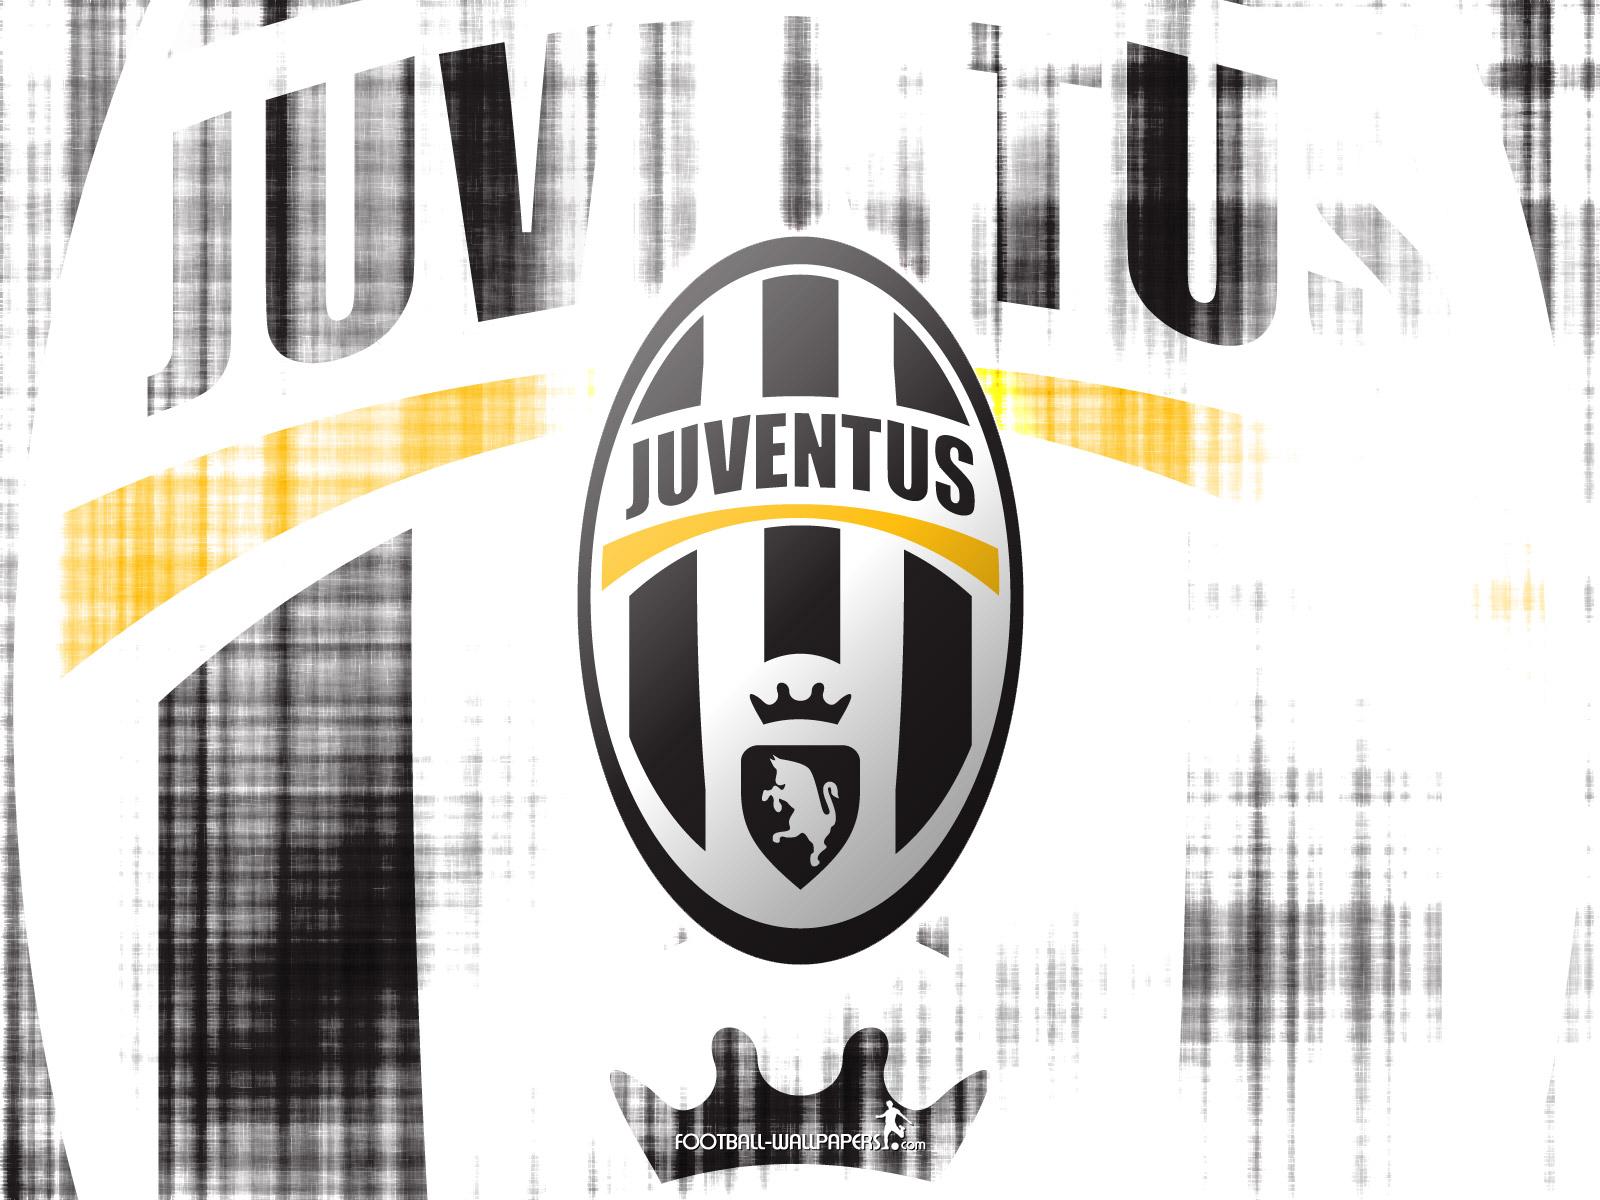 http://2.bp.blogspot.com/-Xq69wRslI-k/ThhZYuOJcwI/AAAAAAAAA1U/L8cdUGjzfjM/s1600/Juventus+Wallpaper+2011.jpg